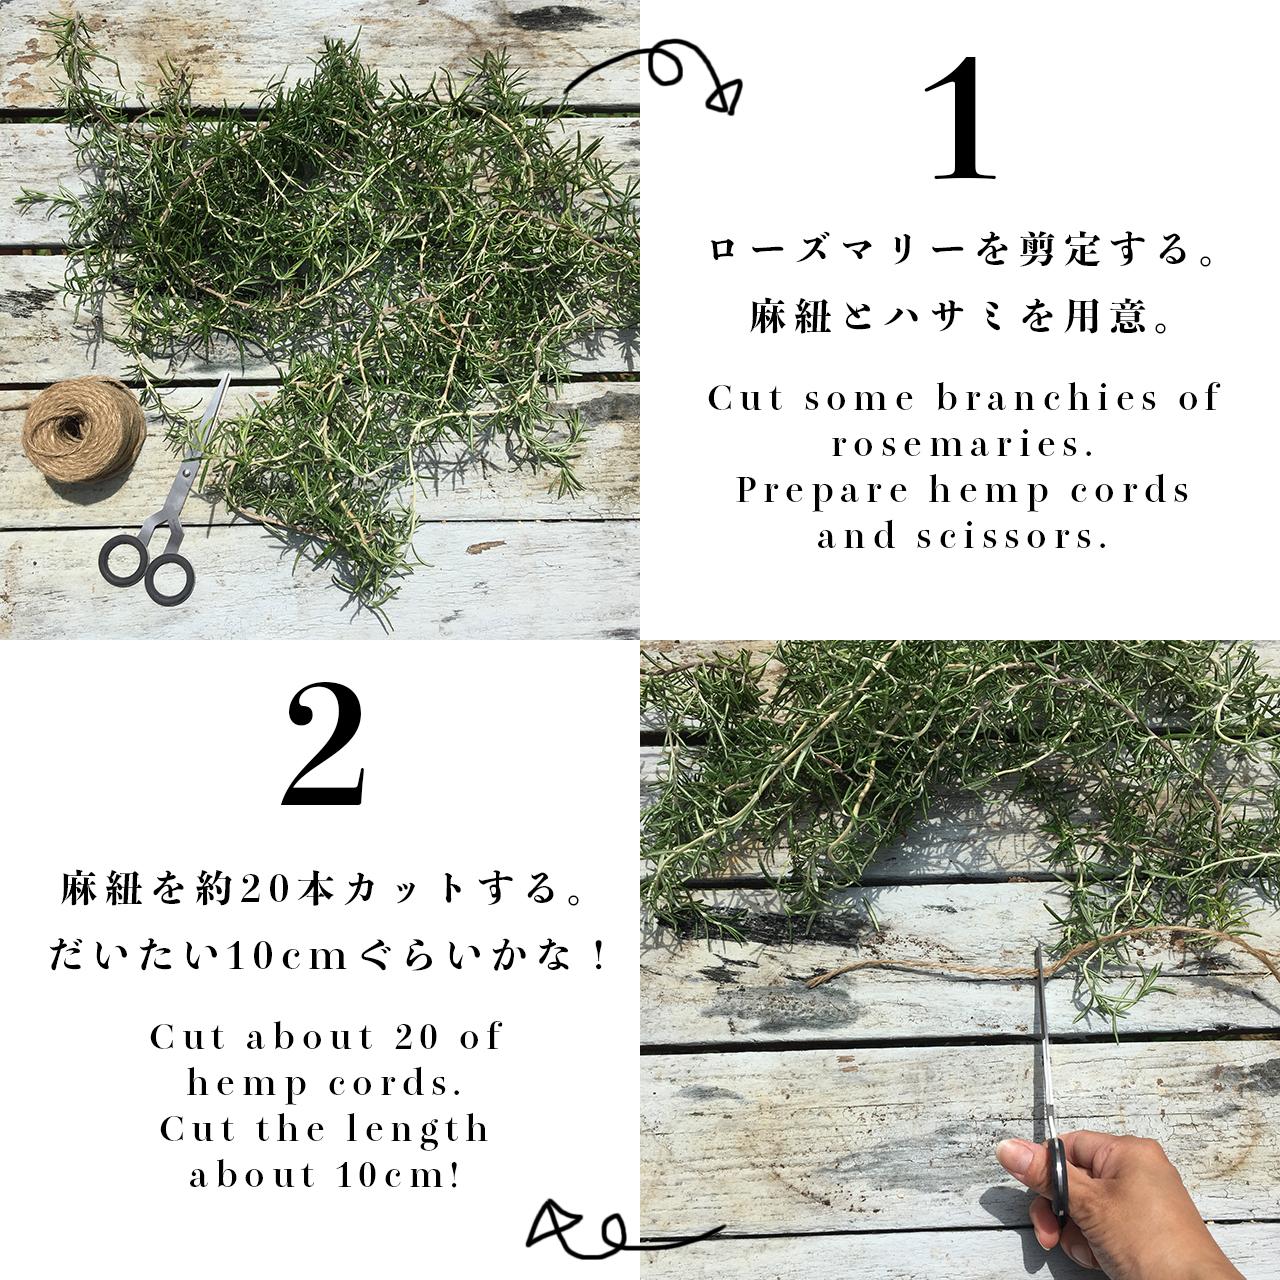 ローズマリー 剪定 麻紐 ヘンプコード ハサミ rosemary hemp cord